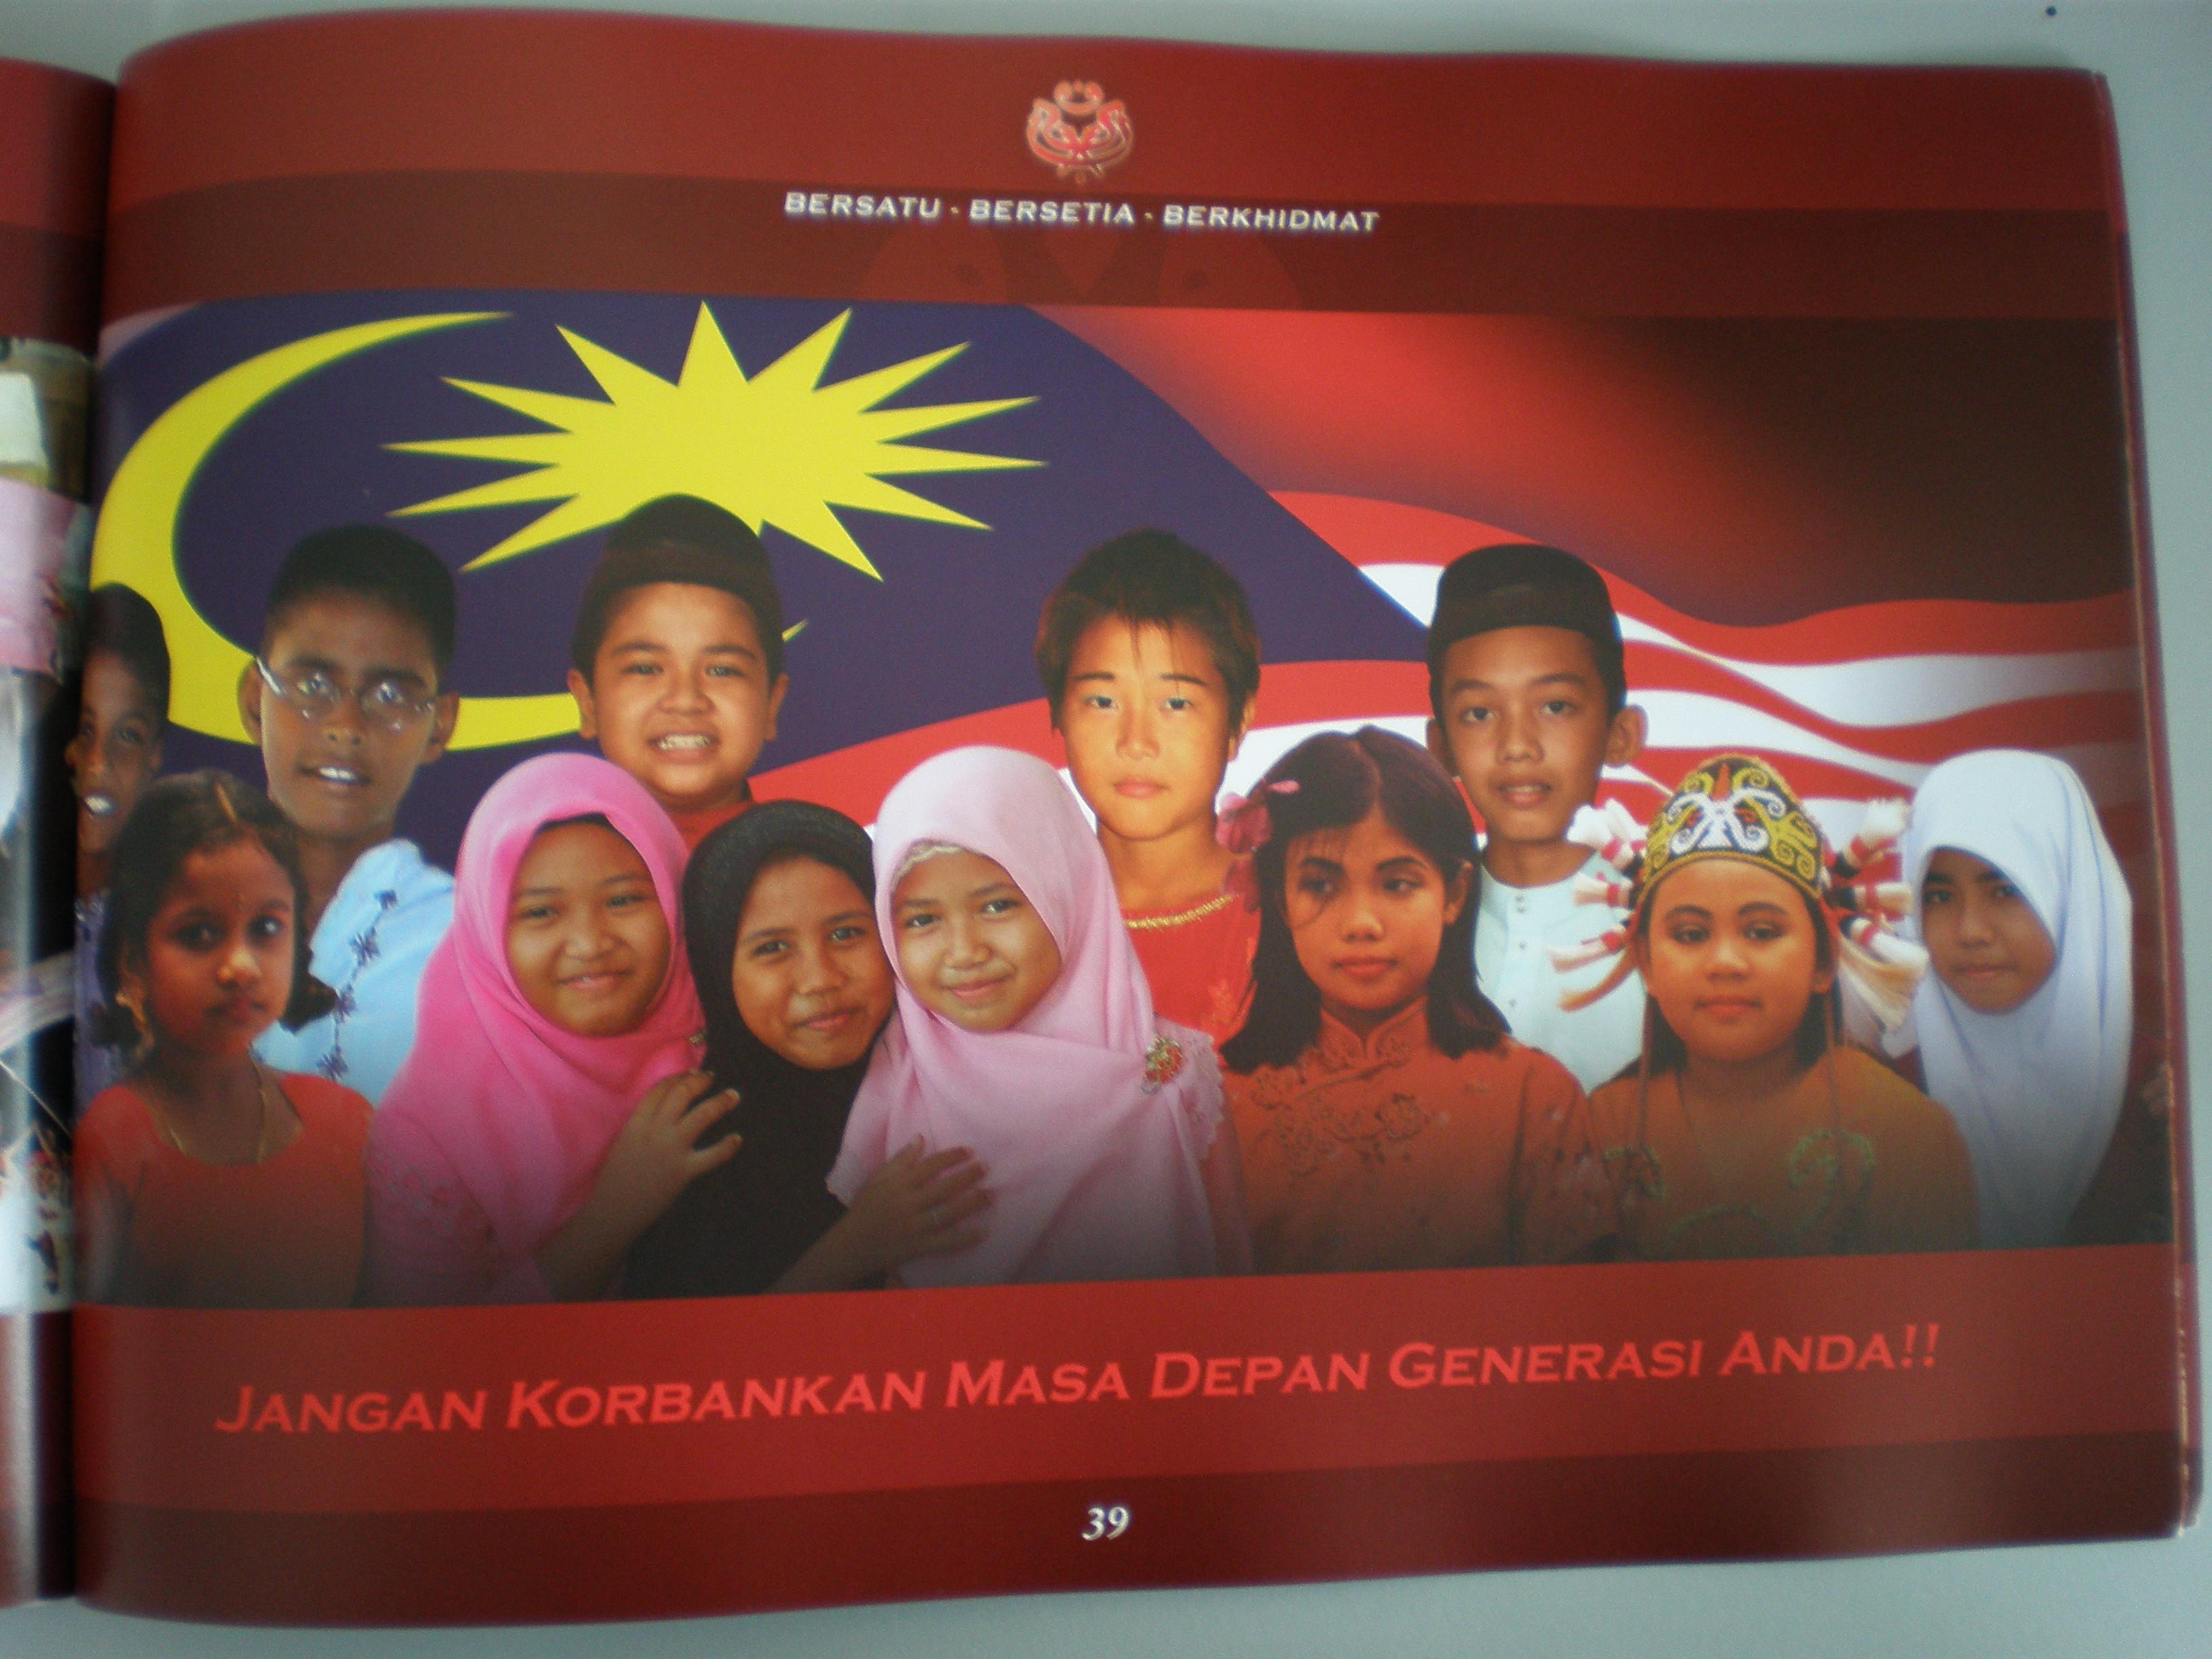 9 cabaran wawasan 2020 malaysia 12 terdapat 9 cabaran bagi menjayakan wawasan 2020 13 intipati wawasan 2020 meliputi aspek pembangunan bagi mencapai sebuah sistem kehakiman malaysia 1.